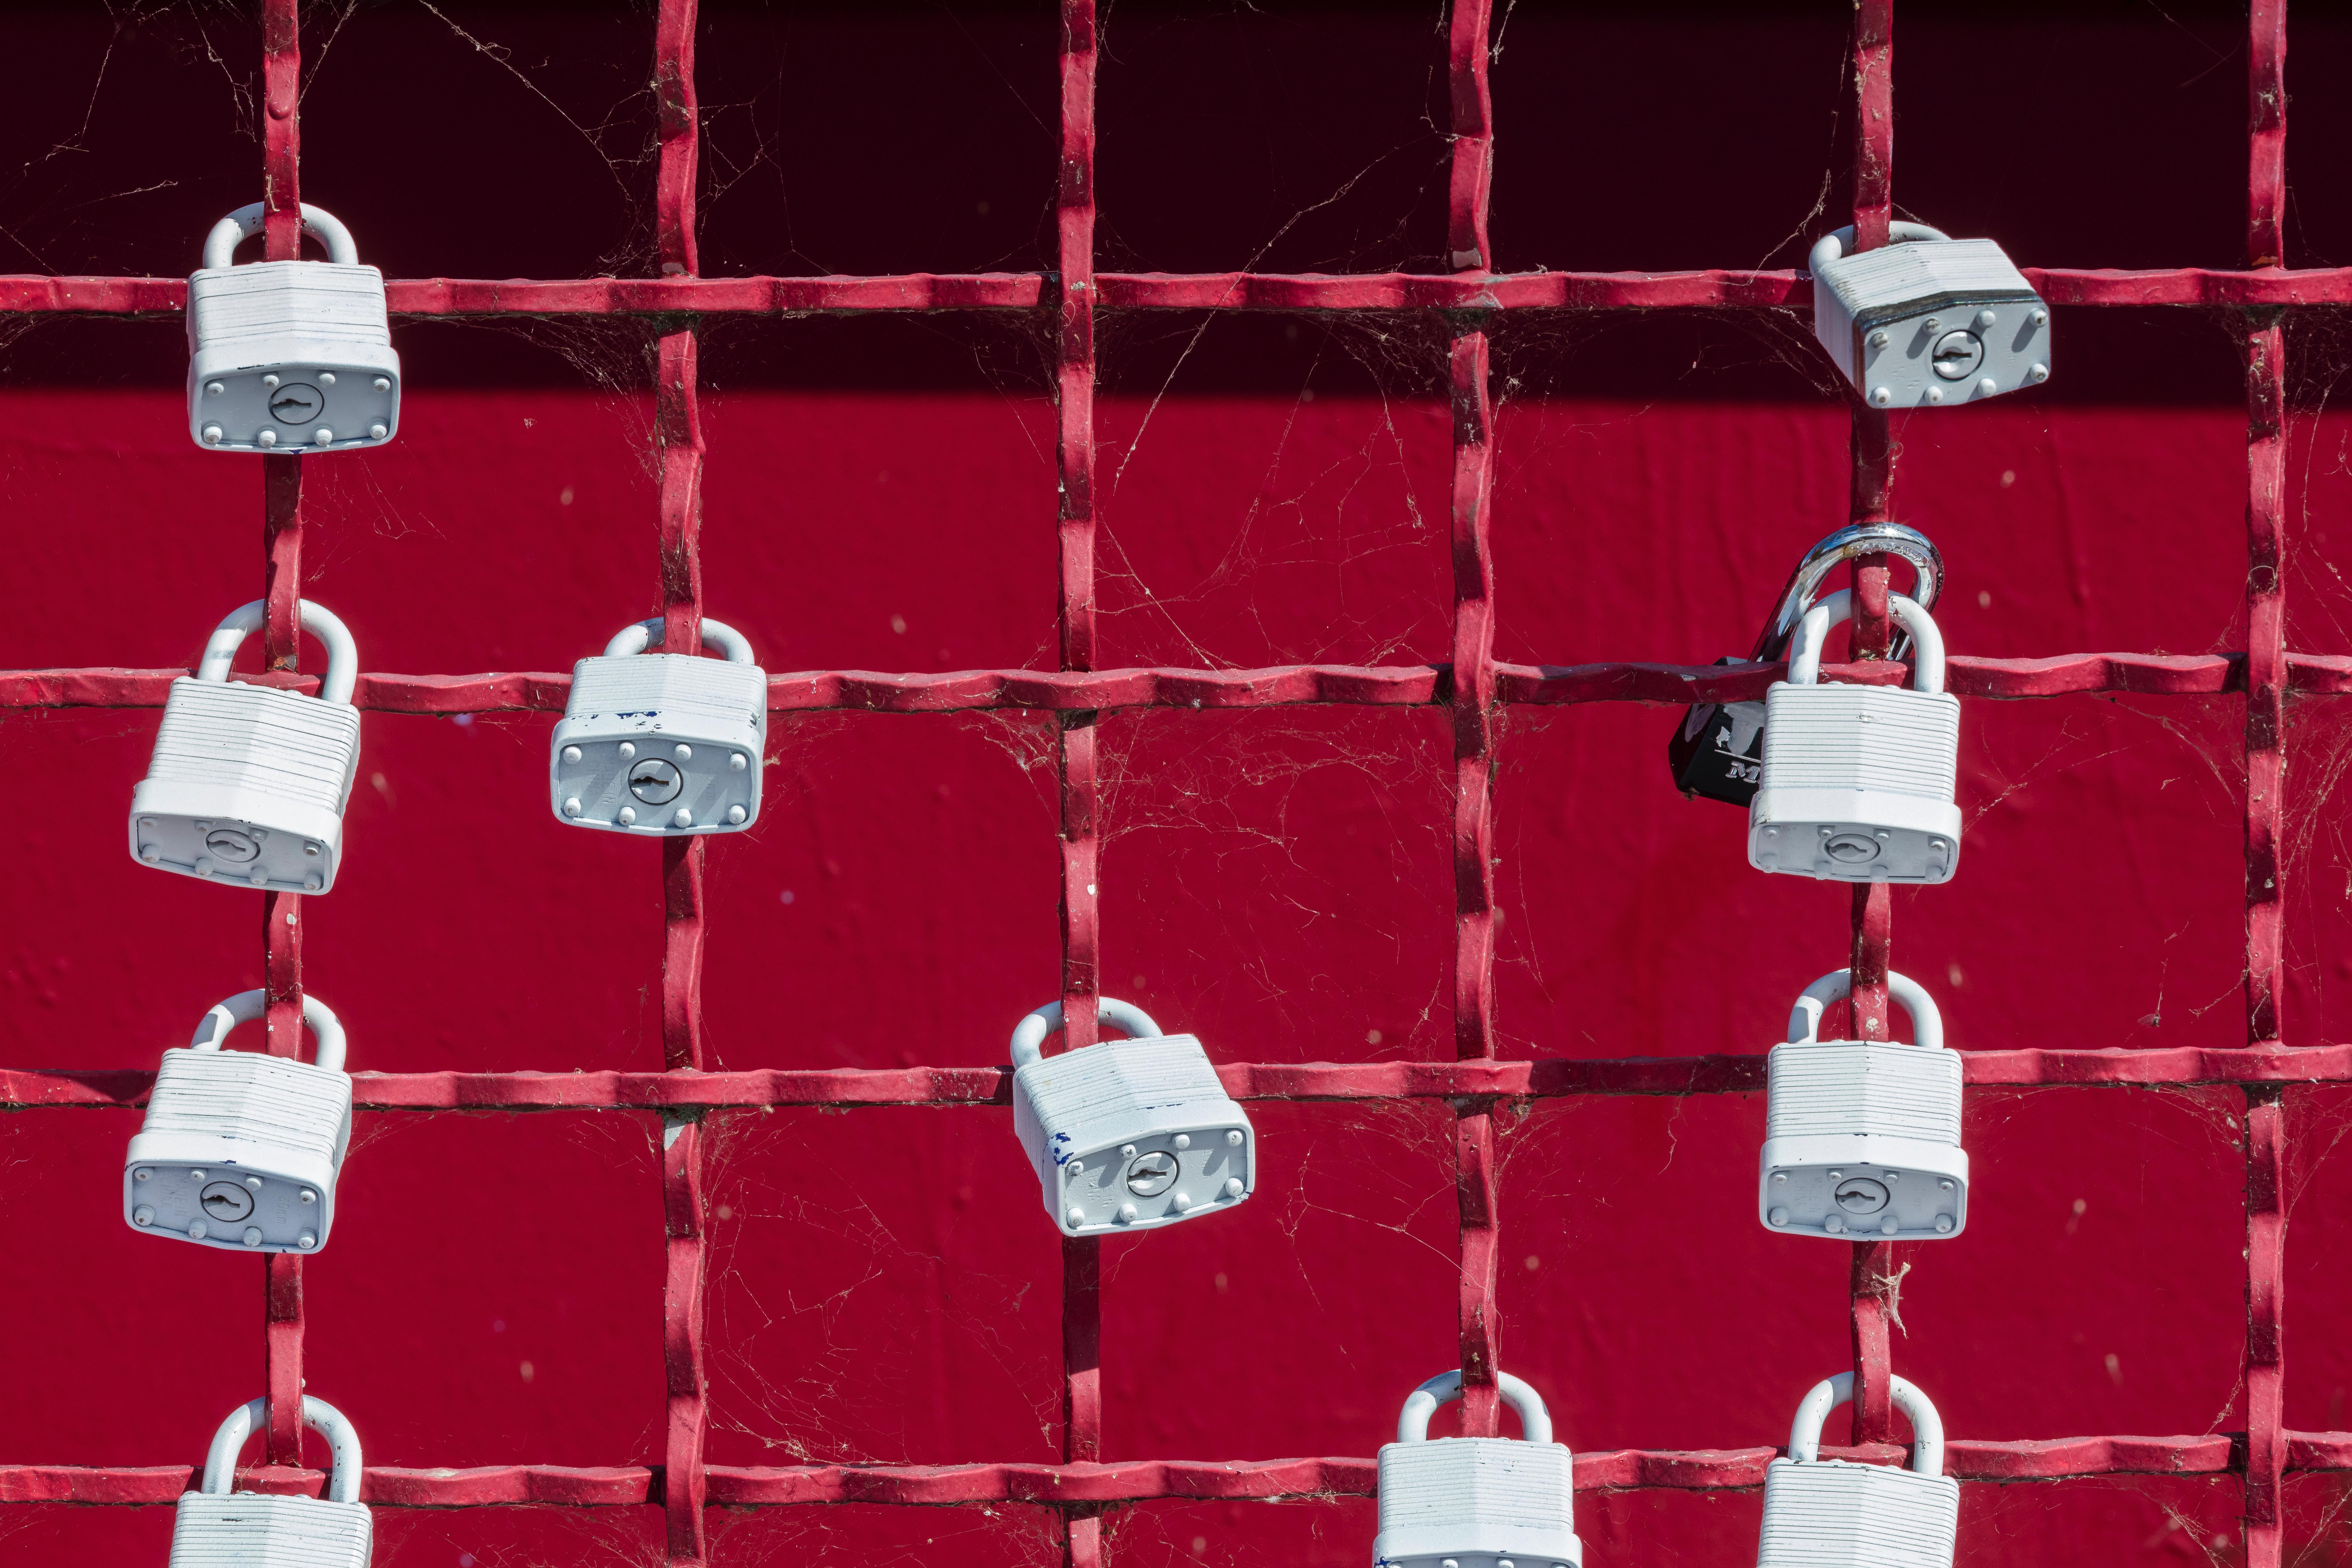 Comment peut-on protéger sa vie privée en ligne?